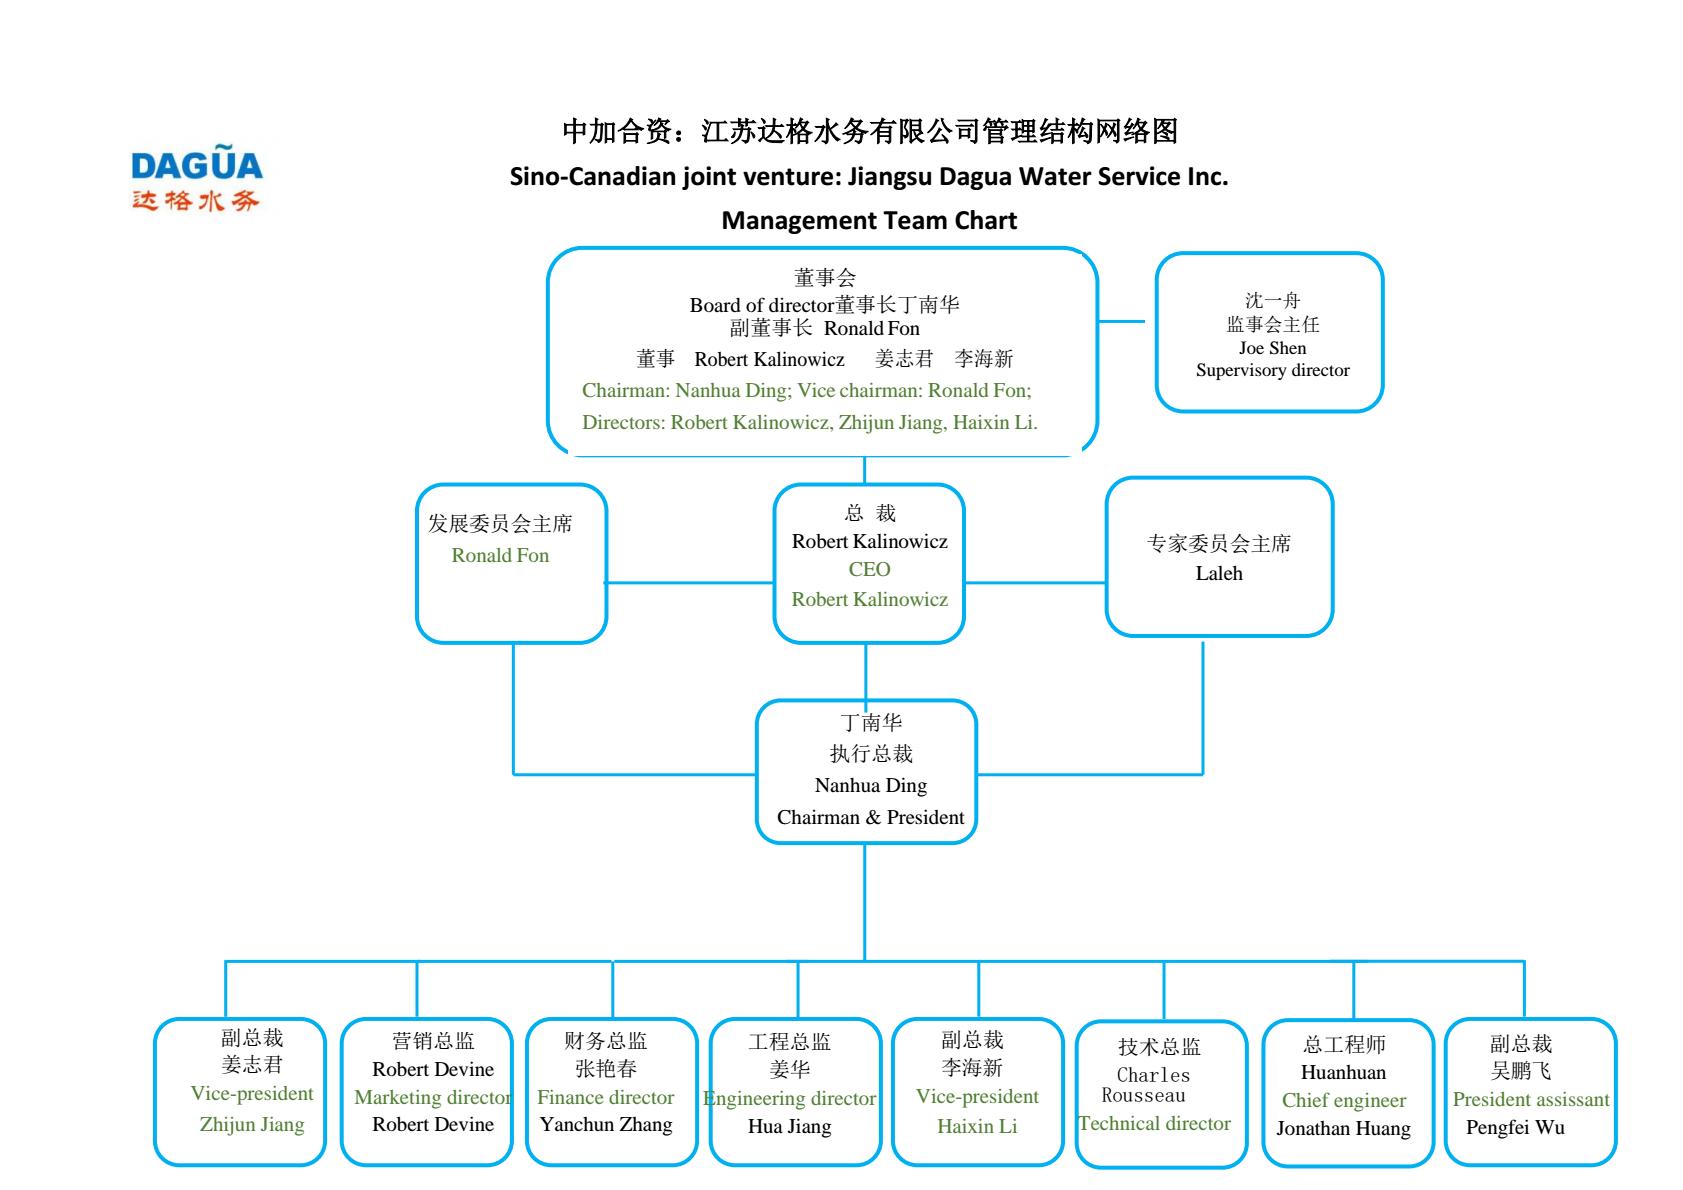 达格公司管理团队网络结构示意图.png